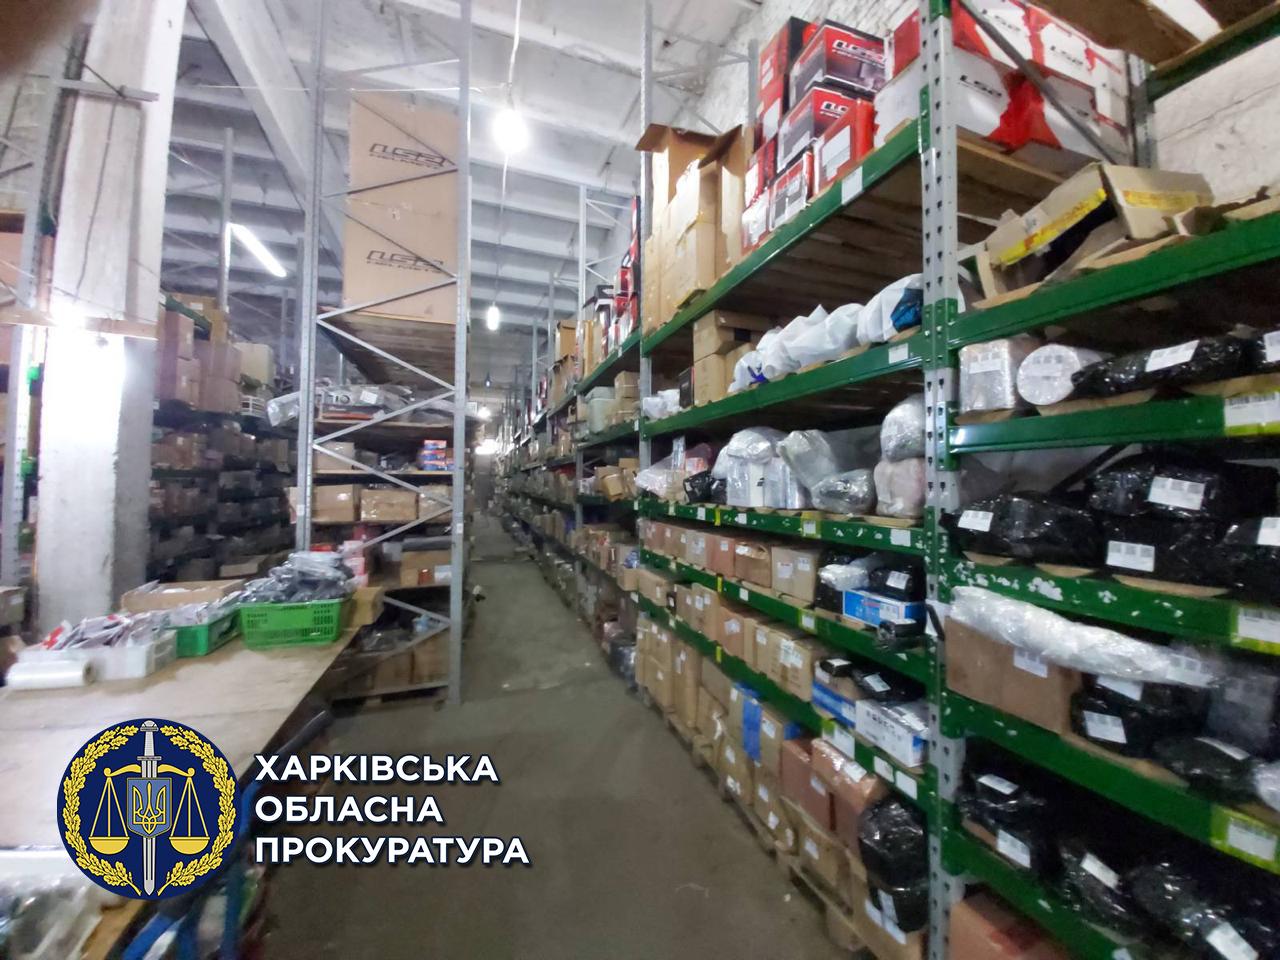 В Харькове предпринимателя подозревают в махинациях с налогами (фото)